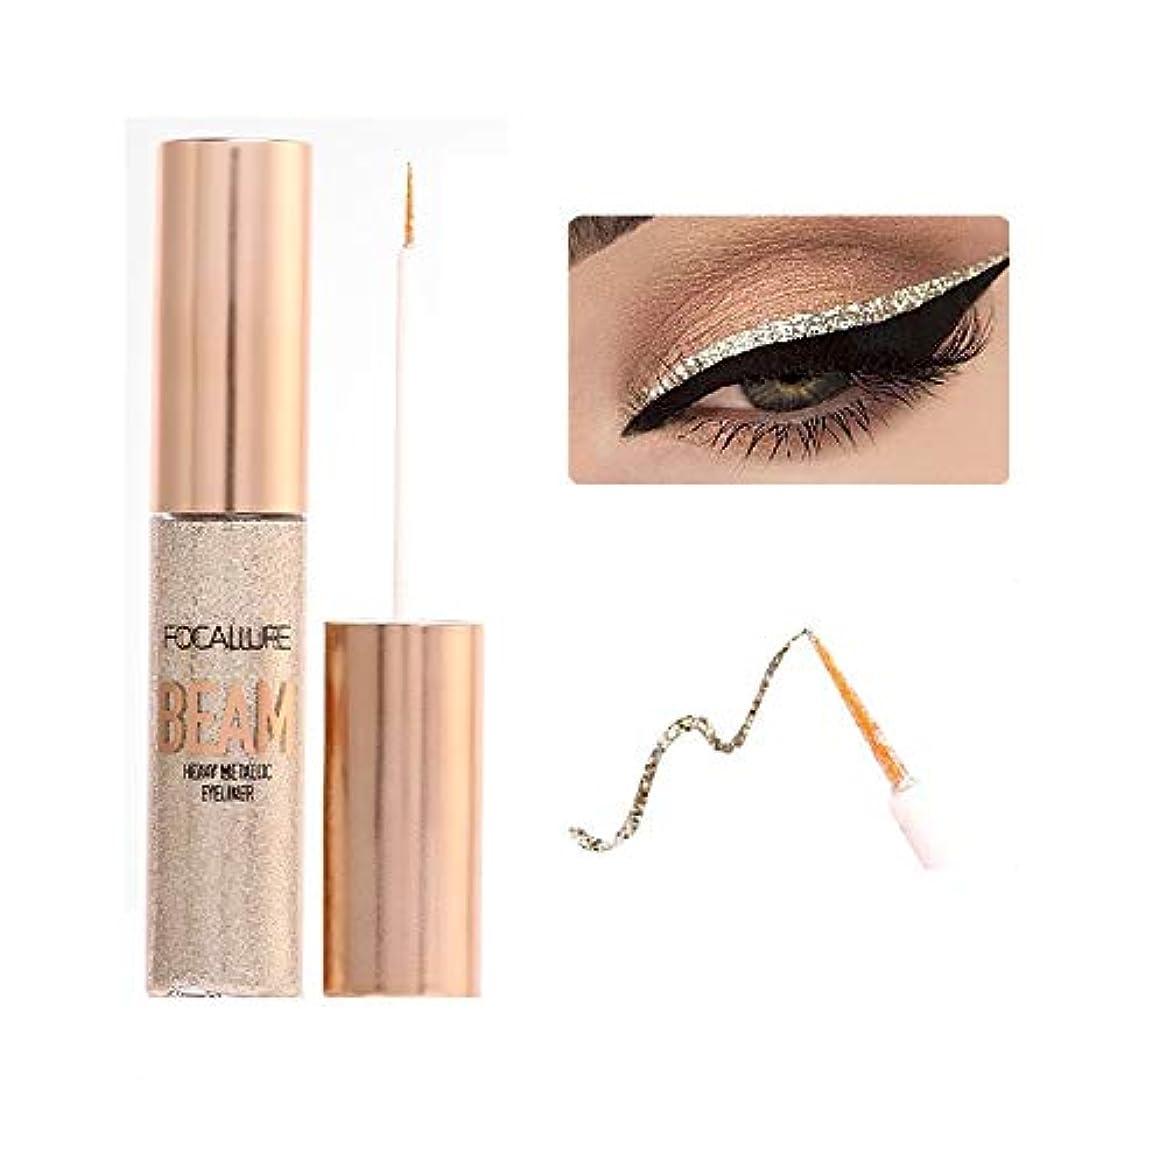 ライラック異議明日Glitter Eyeliner Waterproof Shimmer Metal Liquid Eyeliner Easy to Wear Liquid Eyeshadow Pigment Eye Liner Kit キラキラアイライナー防水シマーメタルリキッドアイライナーリキッドアイシャドウピグメントアイライナーキット